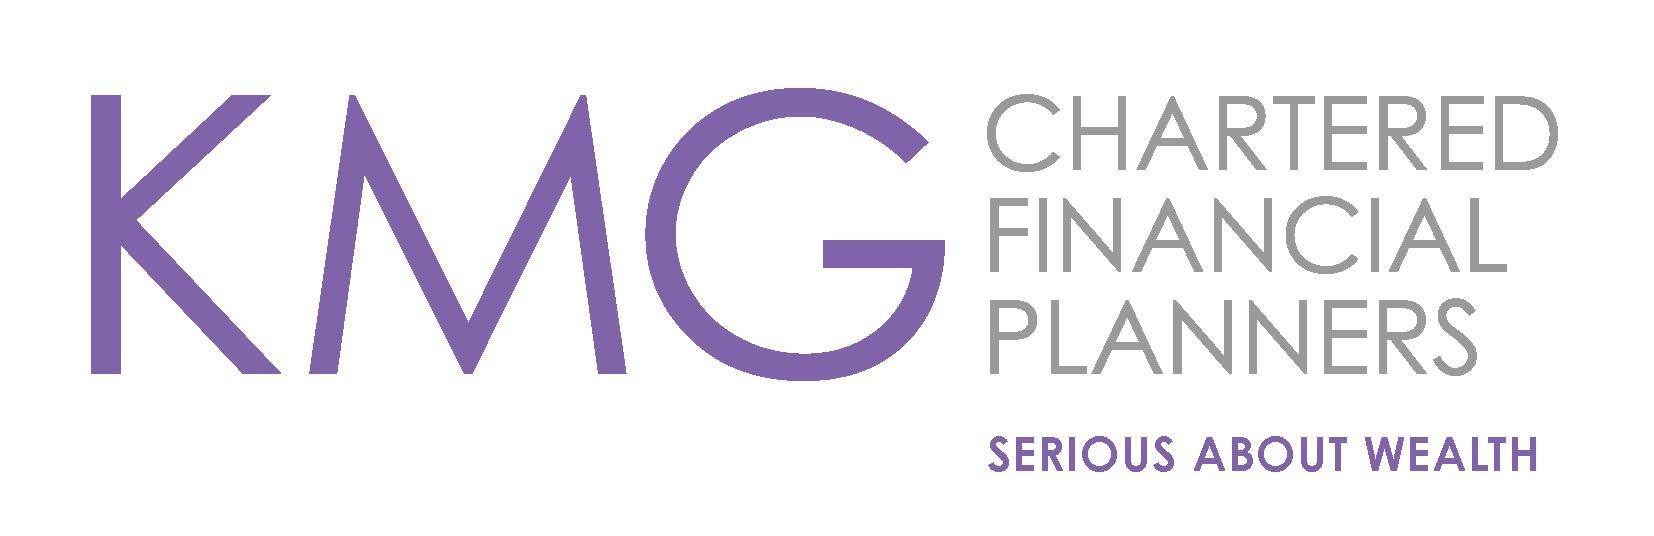 KMG Financial Planners